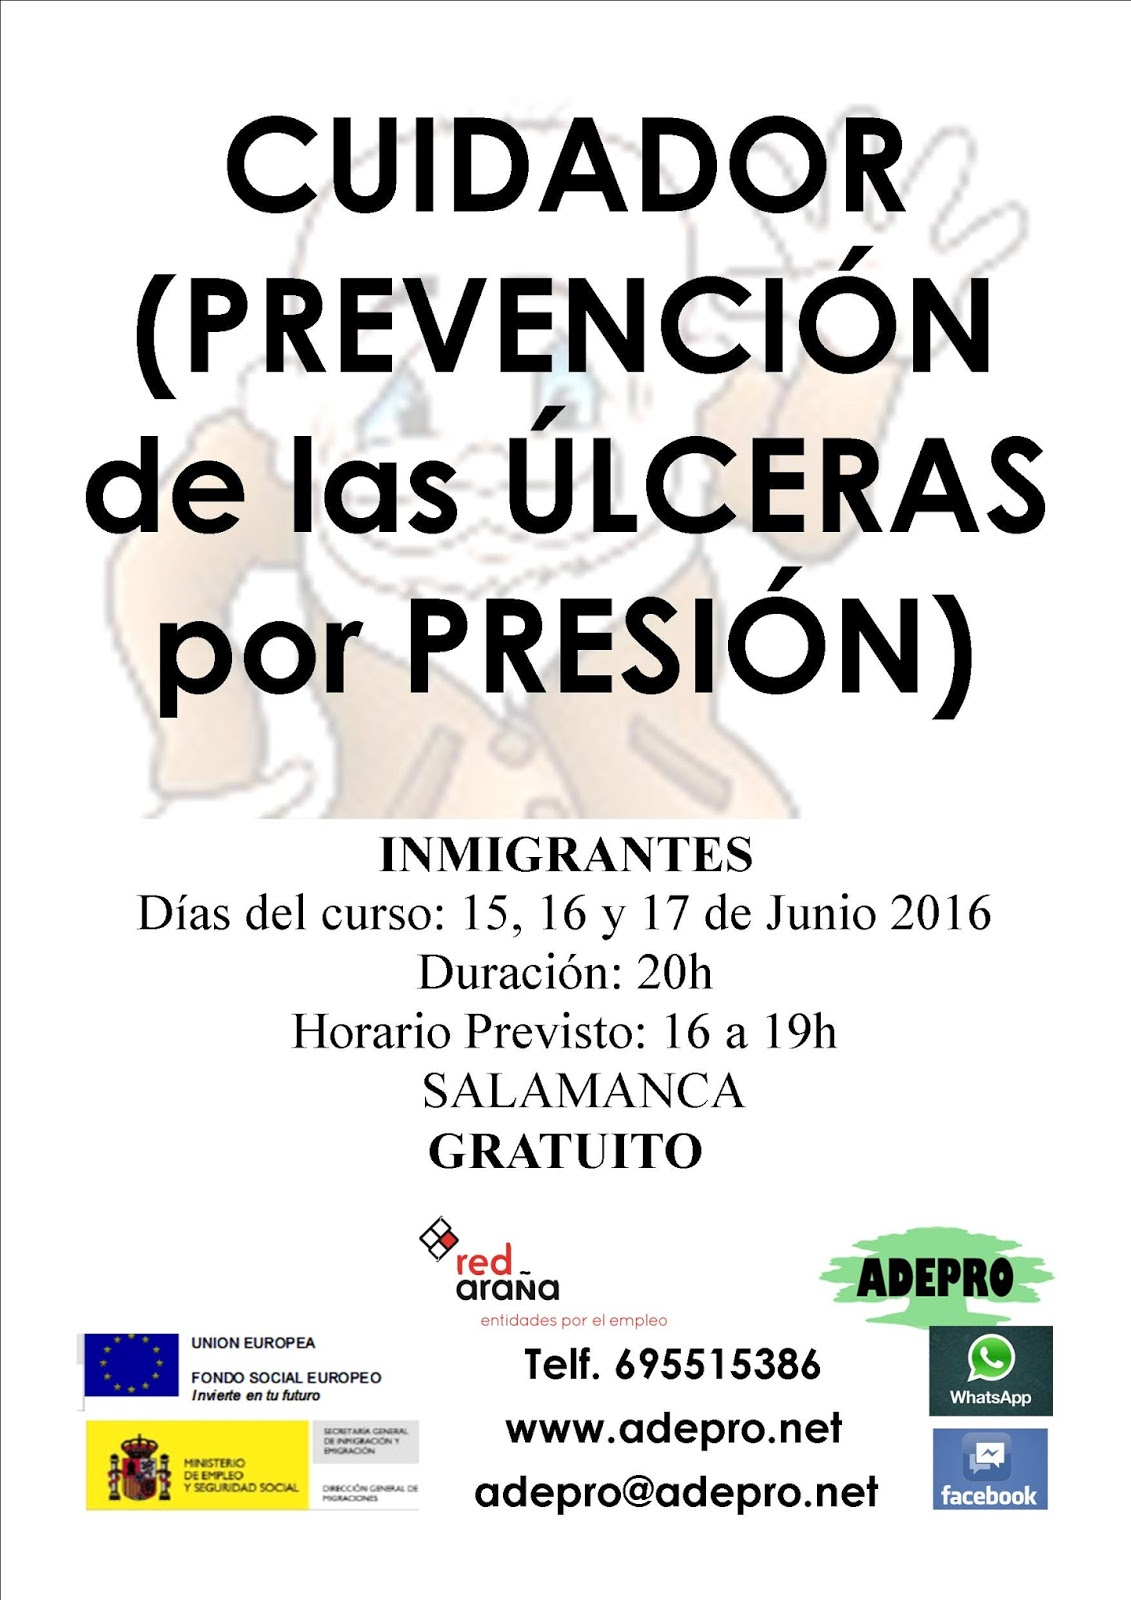 ACTUALIDAD: Salamanca. INMIGRANTES. CURSO PREVENCION DE..